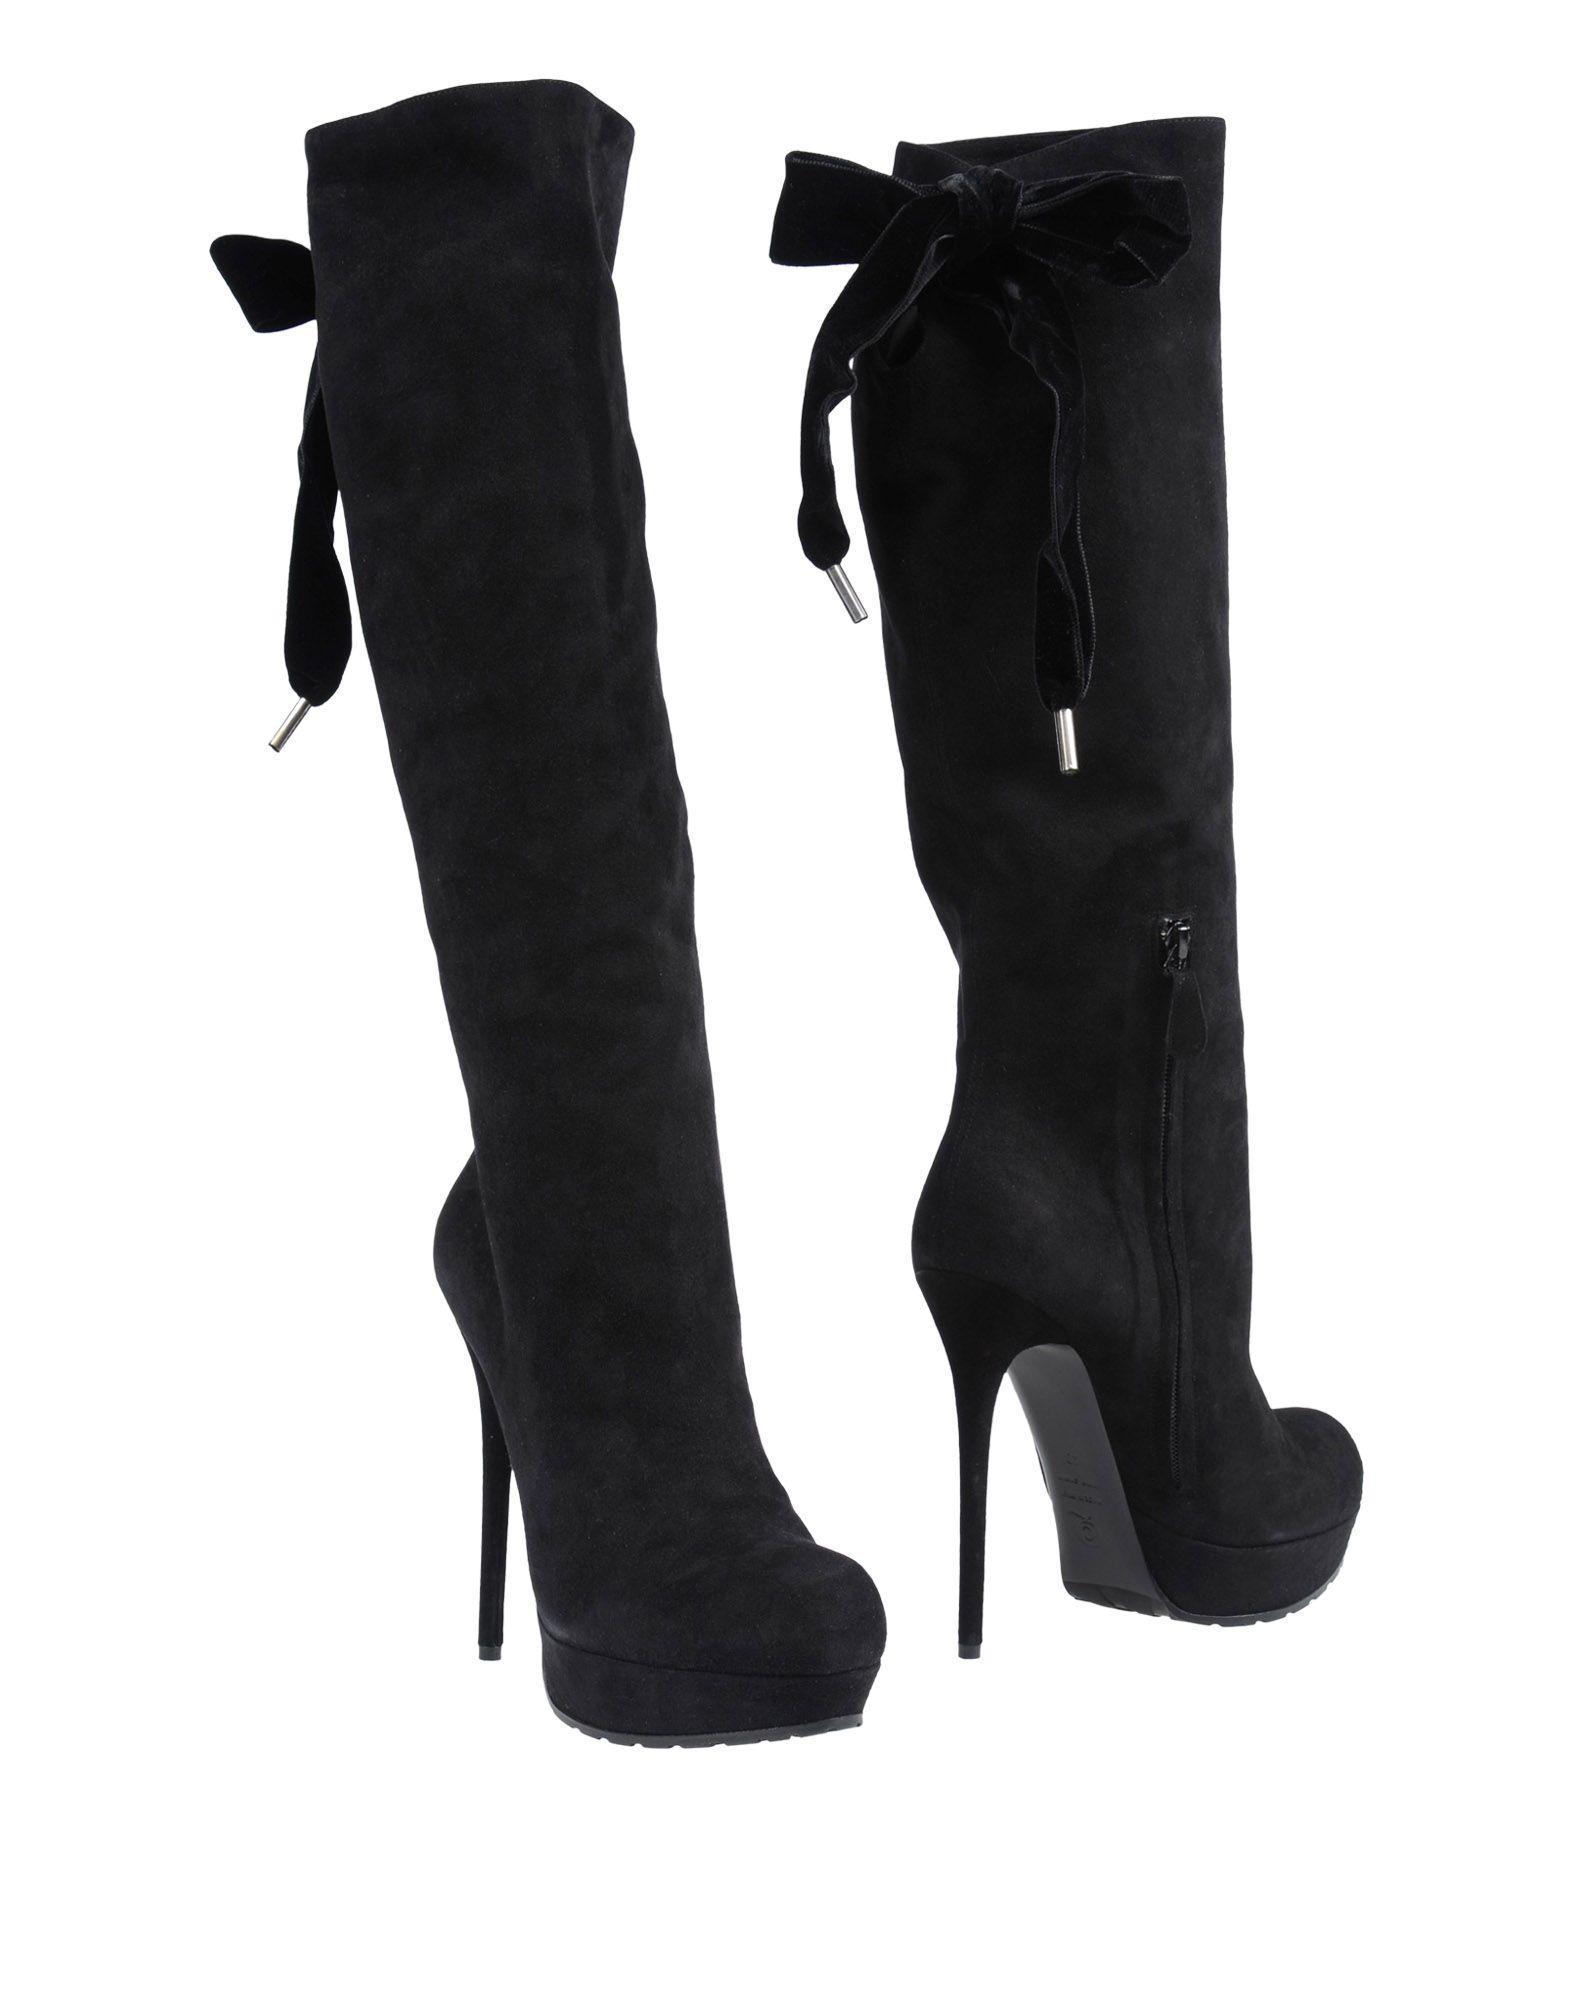 Alexander Mcqueen Boots In Black